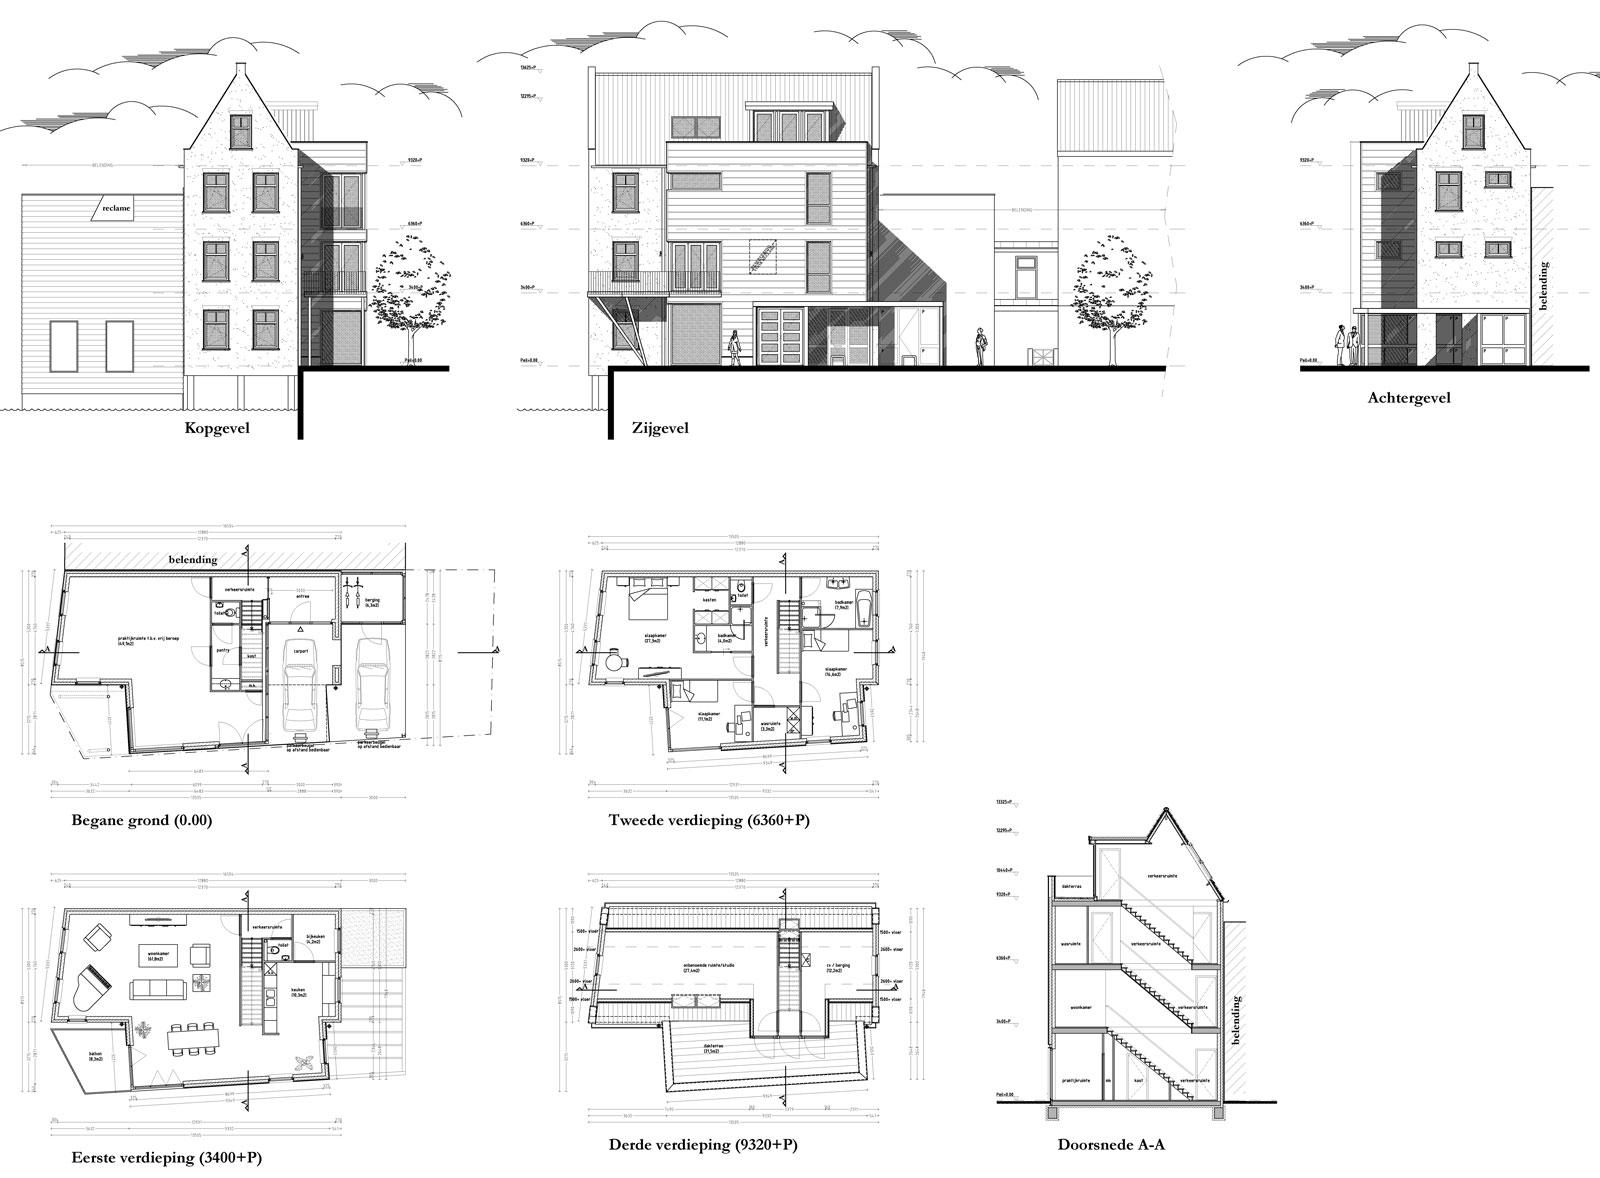 gevelaanzichten en plattegronden - woning met praktijkruimte Ooievaarsteeg Schiedam